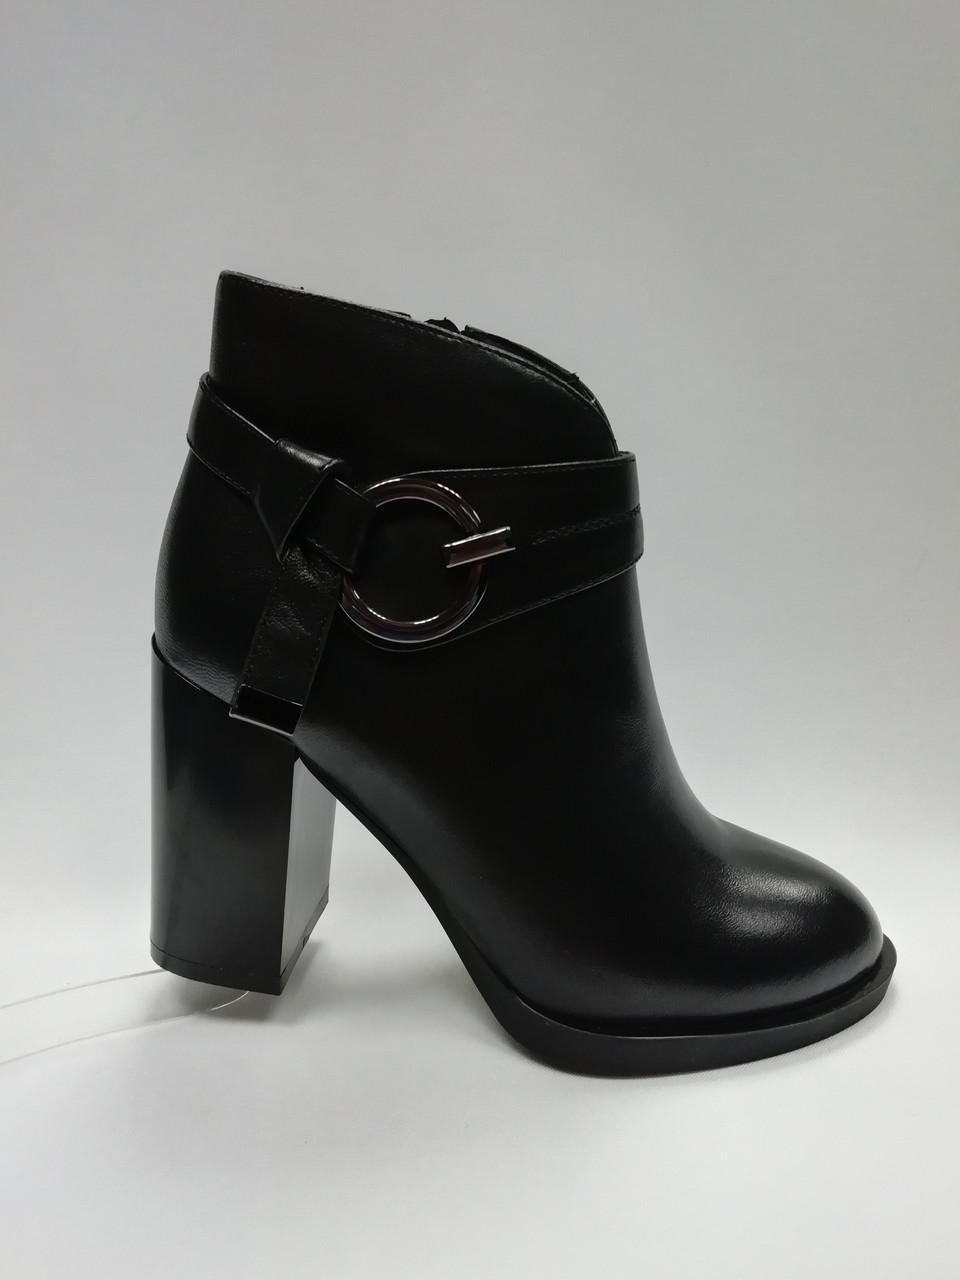 Кожаные черные ботиночки на каблуке. Ботильоны.  Маленькие размеры ( 33 - 35 ).